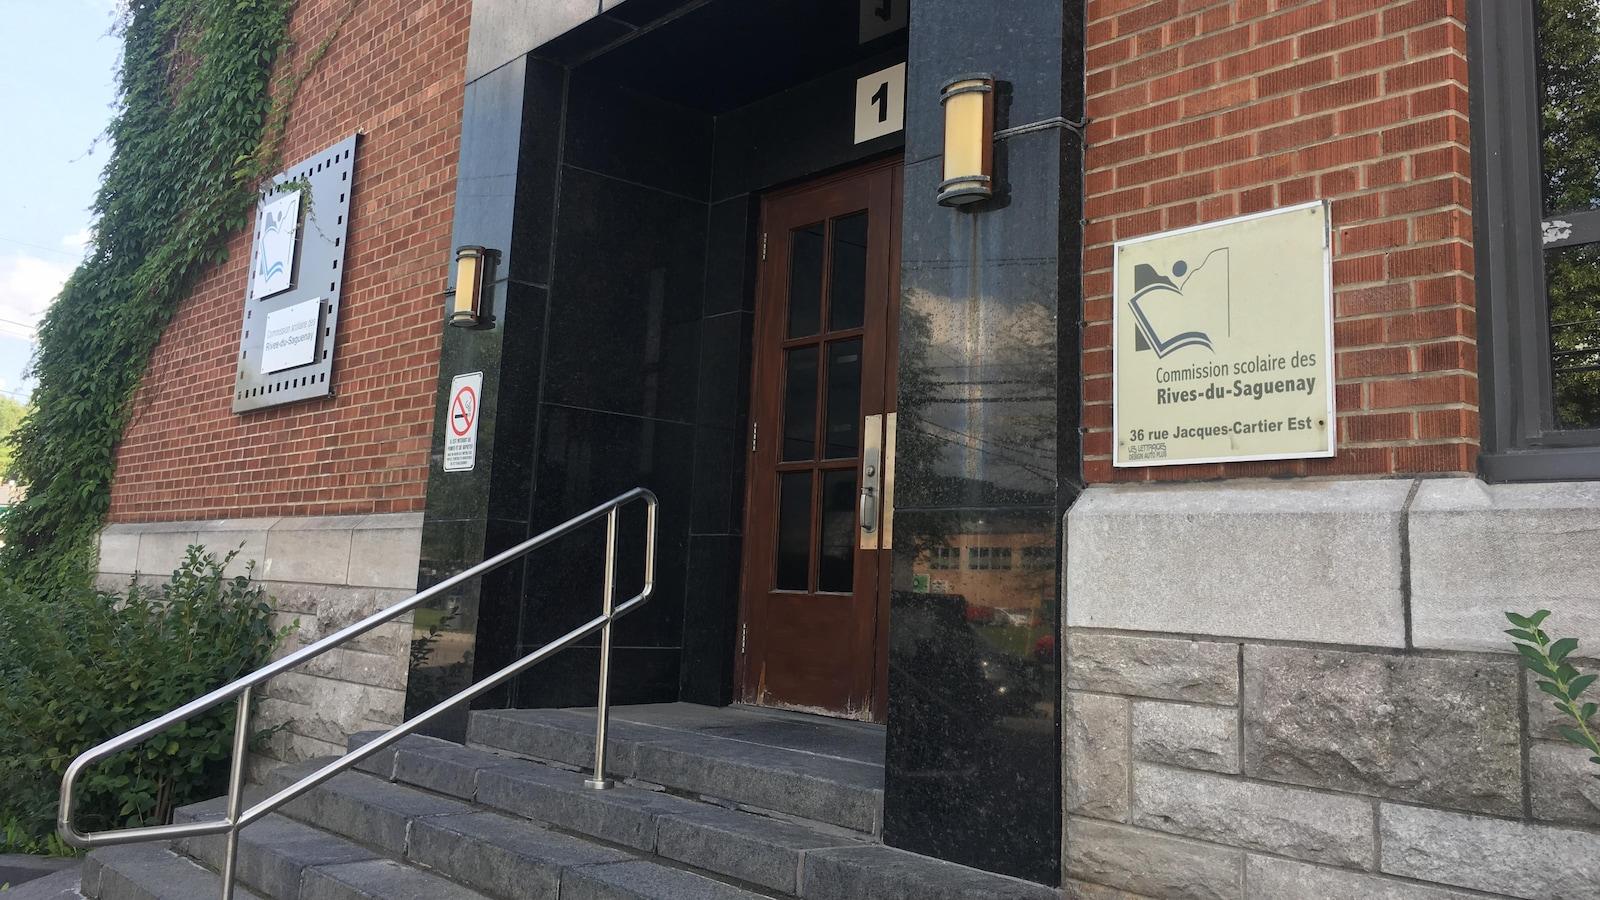 Façade du centre administratif de la Commission scolaire des Rives-du-Saguenay.